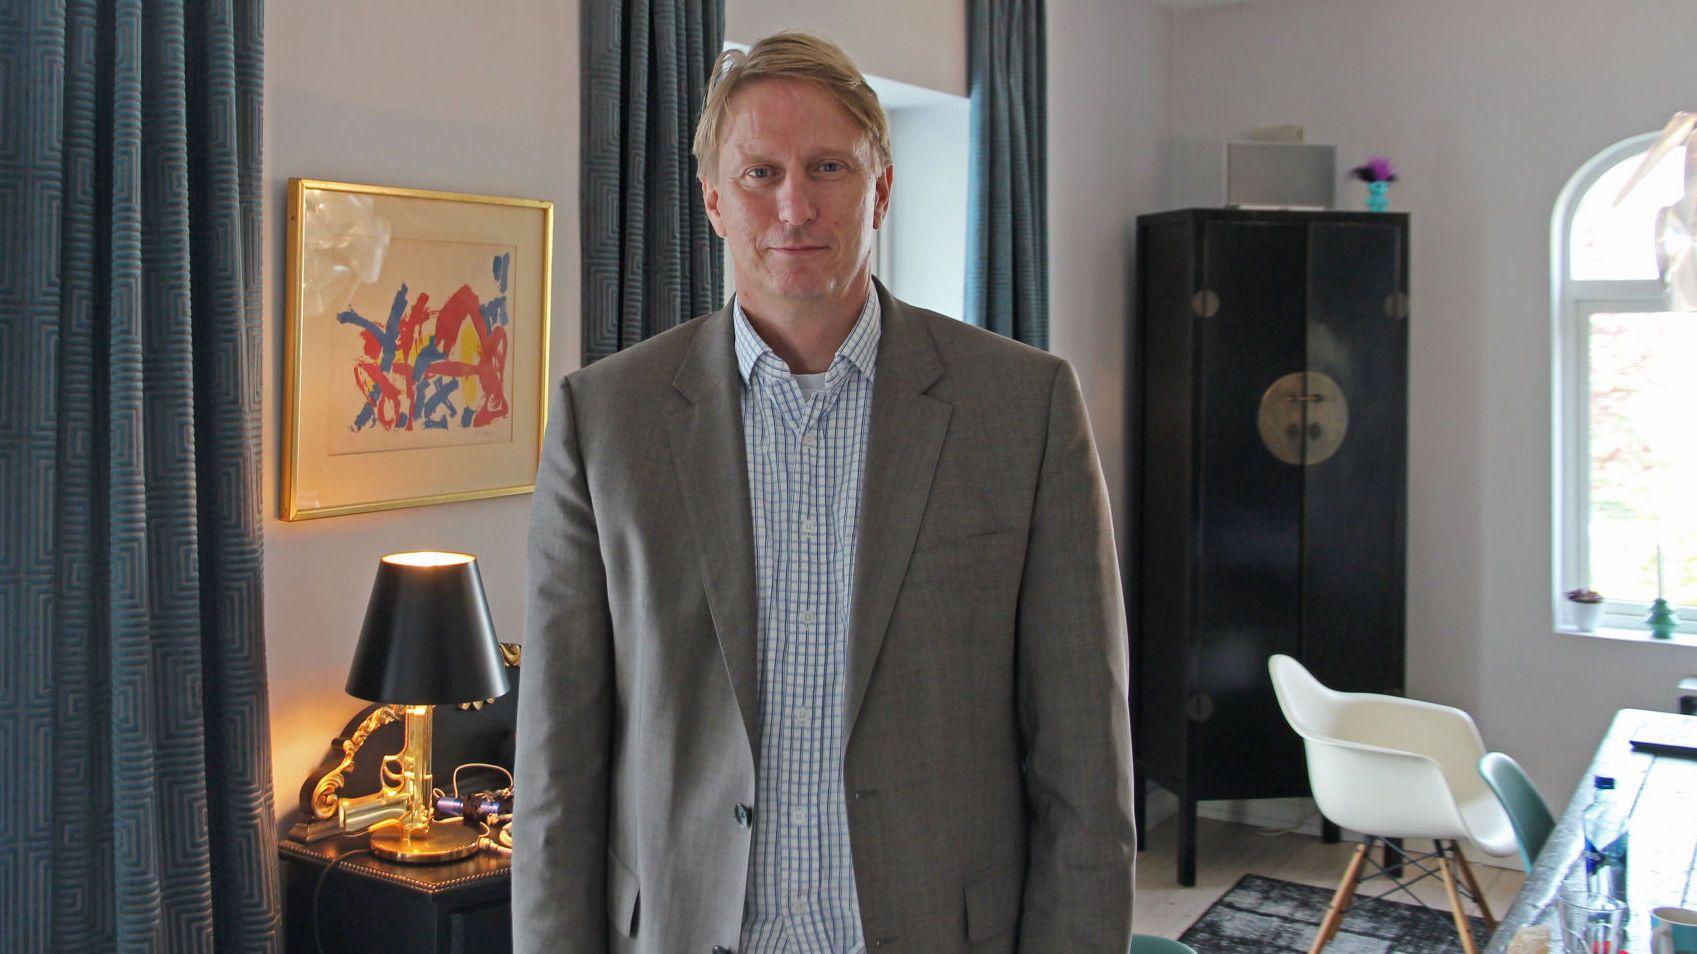 SATSER: Gisle Pedersen, sjef for Canal Digital (Kabel-TV), kniver nå med de rene fiberaktørene om hvem som kan levere raskest bredbånd hjemme.